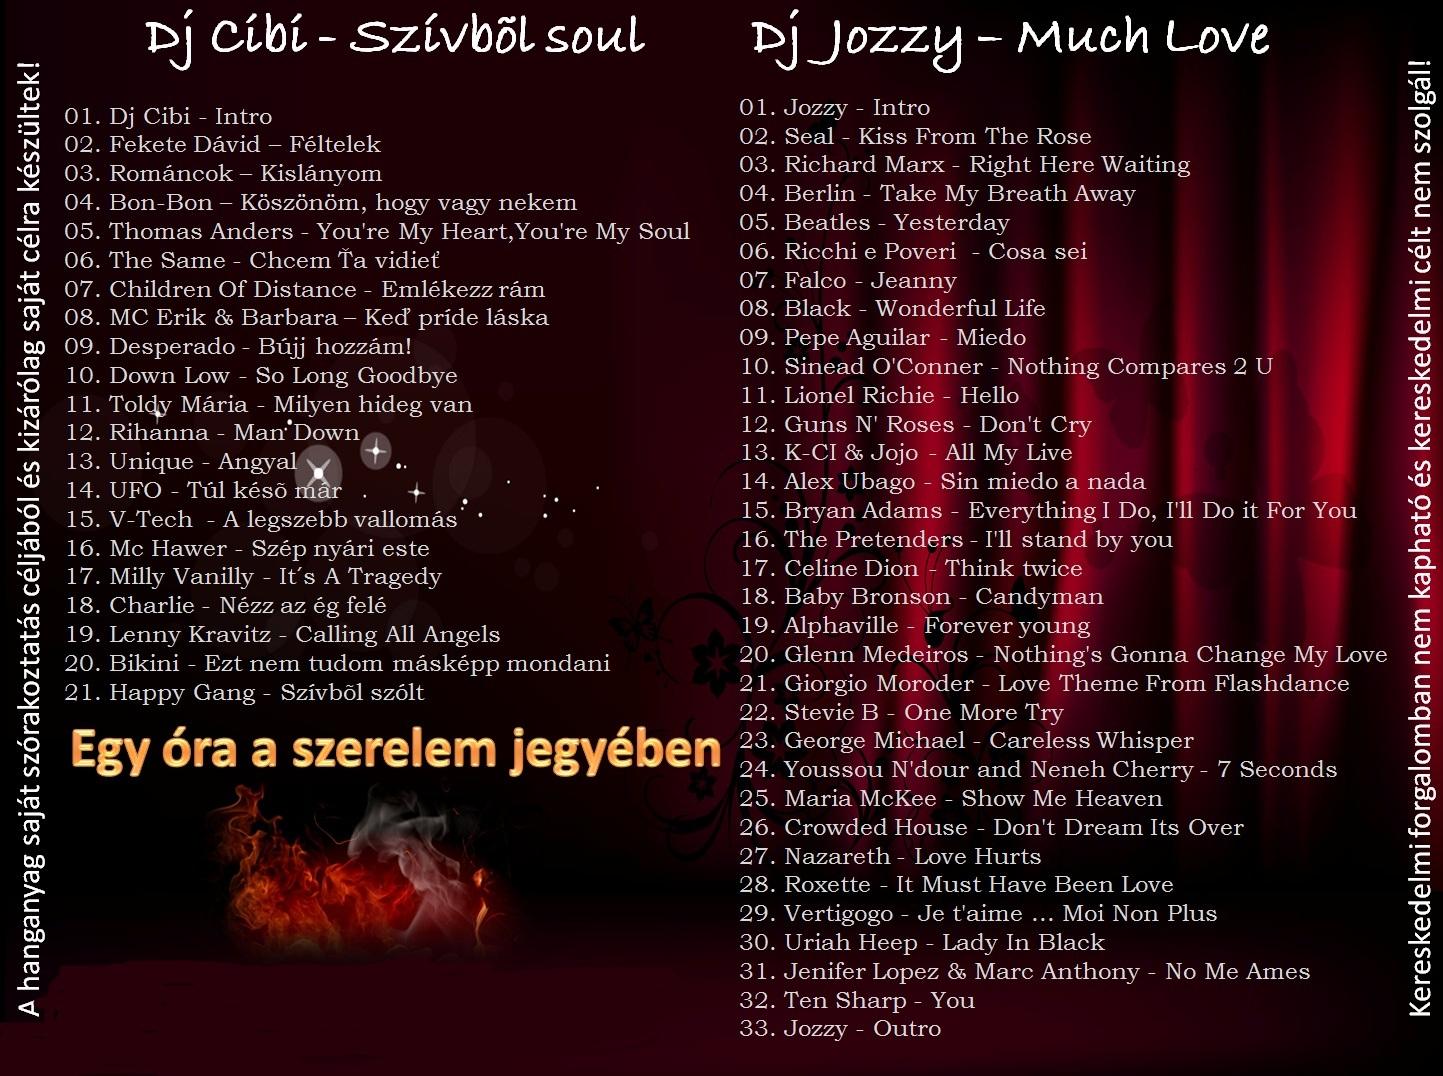 http://3.bp.blogspot.com/-ObGgiVczv1Q/TlkuLjrlTdI/AAAAAAAAXwc/casaOuRms4Q/s1600/Dj+Cibi+vs+Dj+Jozzy+-+The+Ladies+Favorites+-+Cover+back.jpg